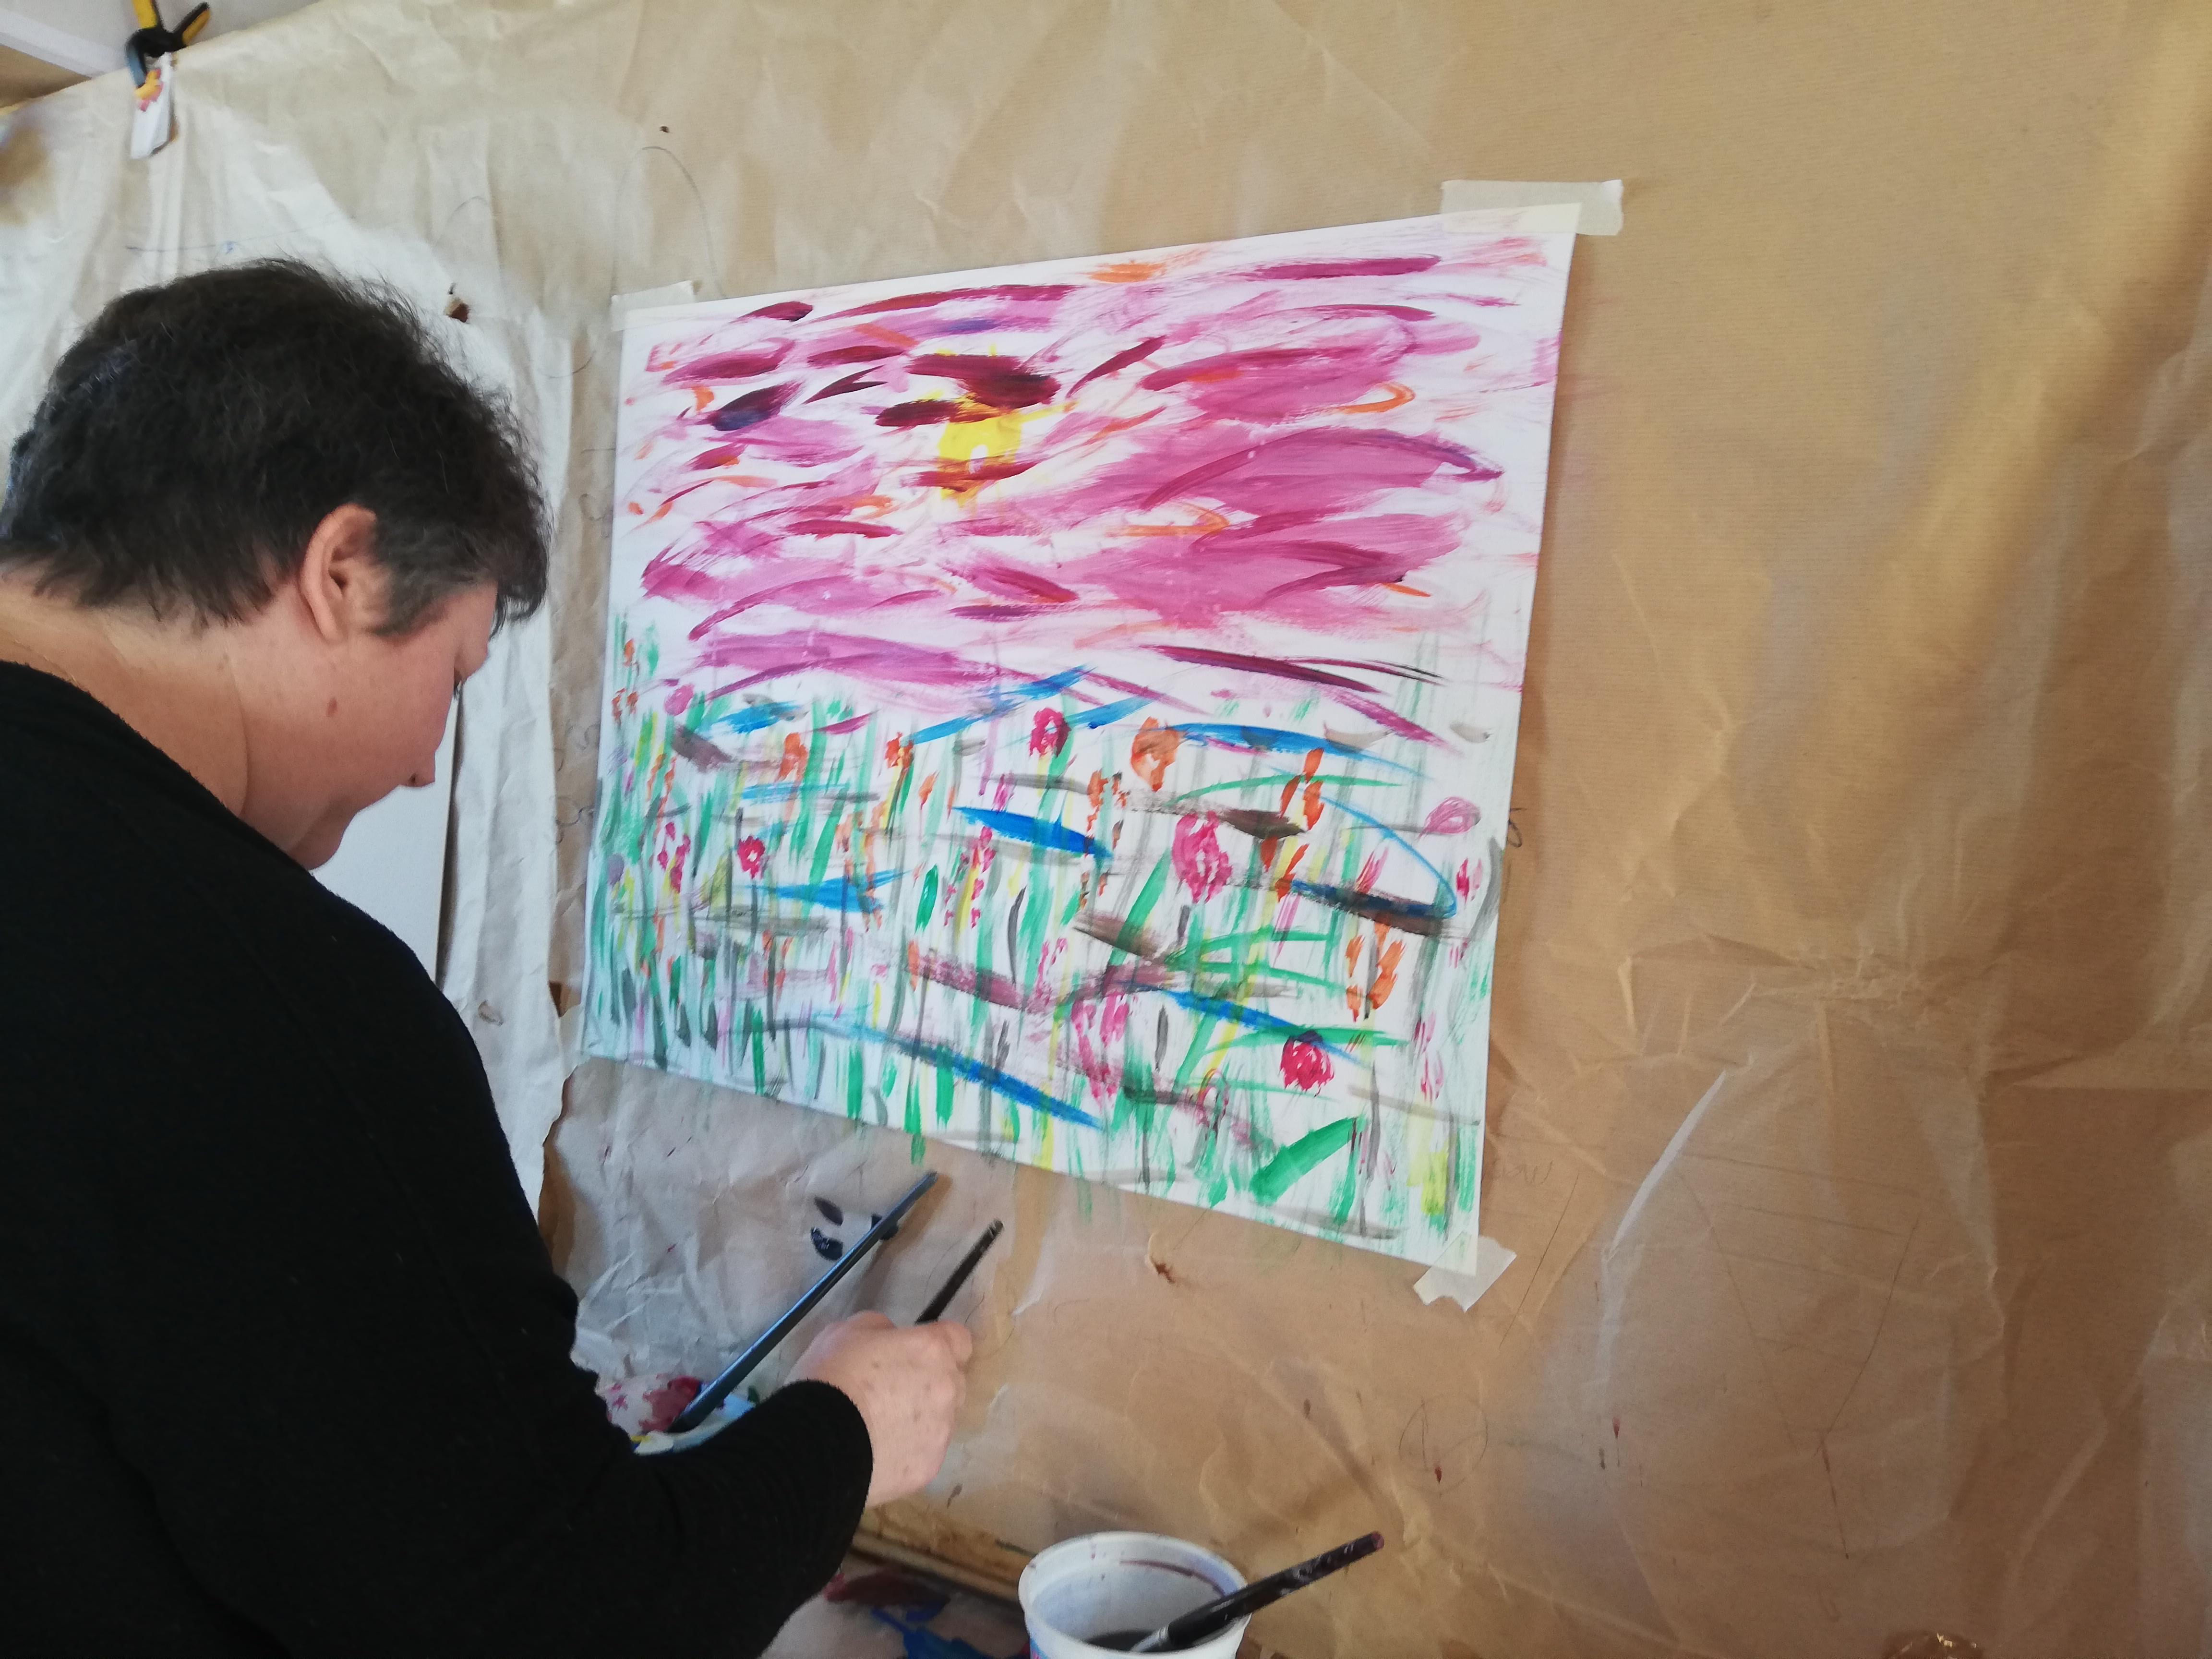 prise en charge individuelle a l'atelier d'artiste